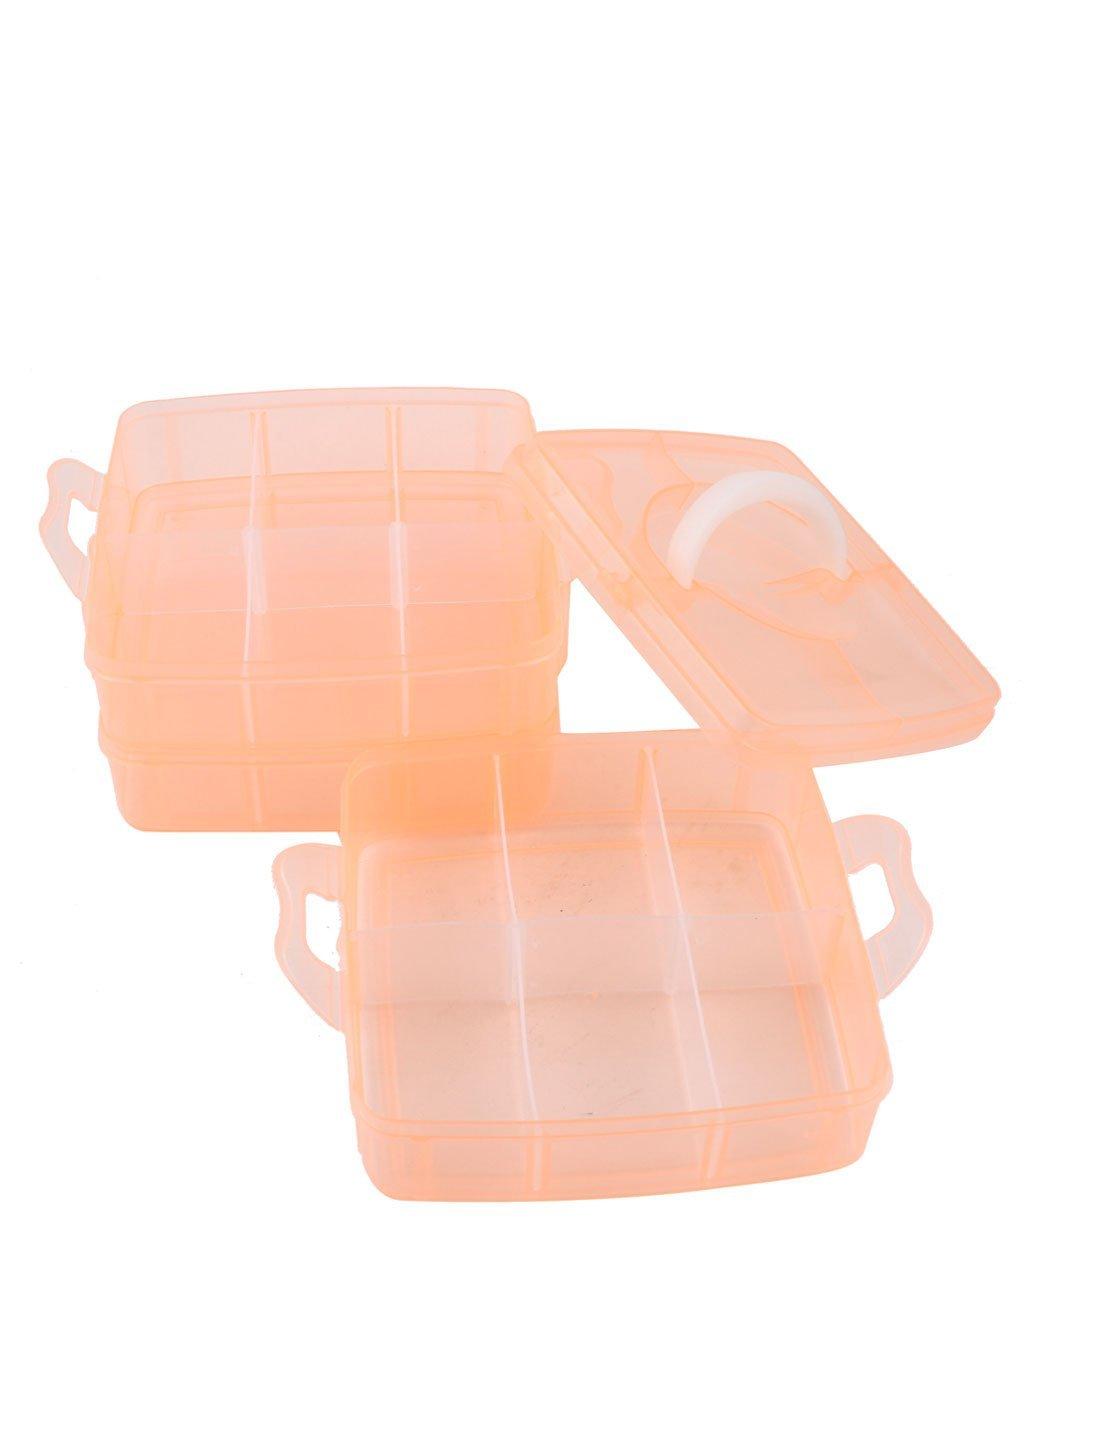 eDealMax Rosso di plastica Arancione 3 strati 18 Slot separabile Mano trasportare Storage Box by eDealMax